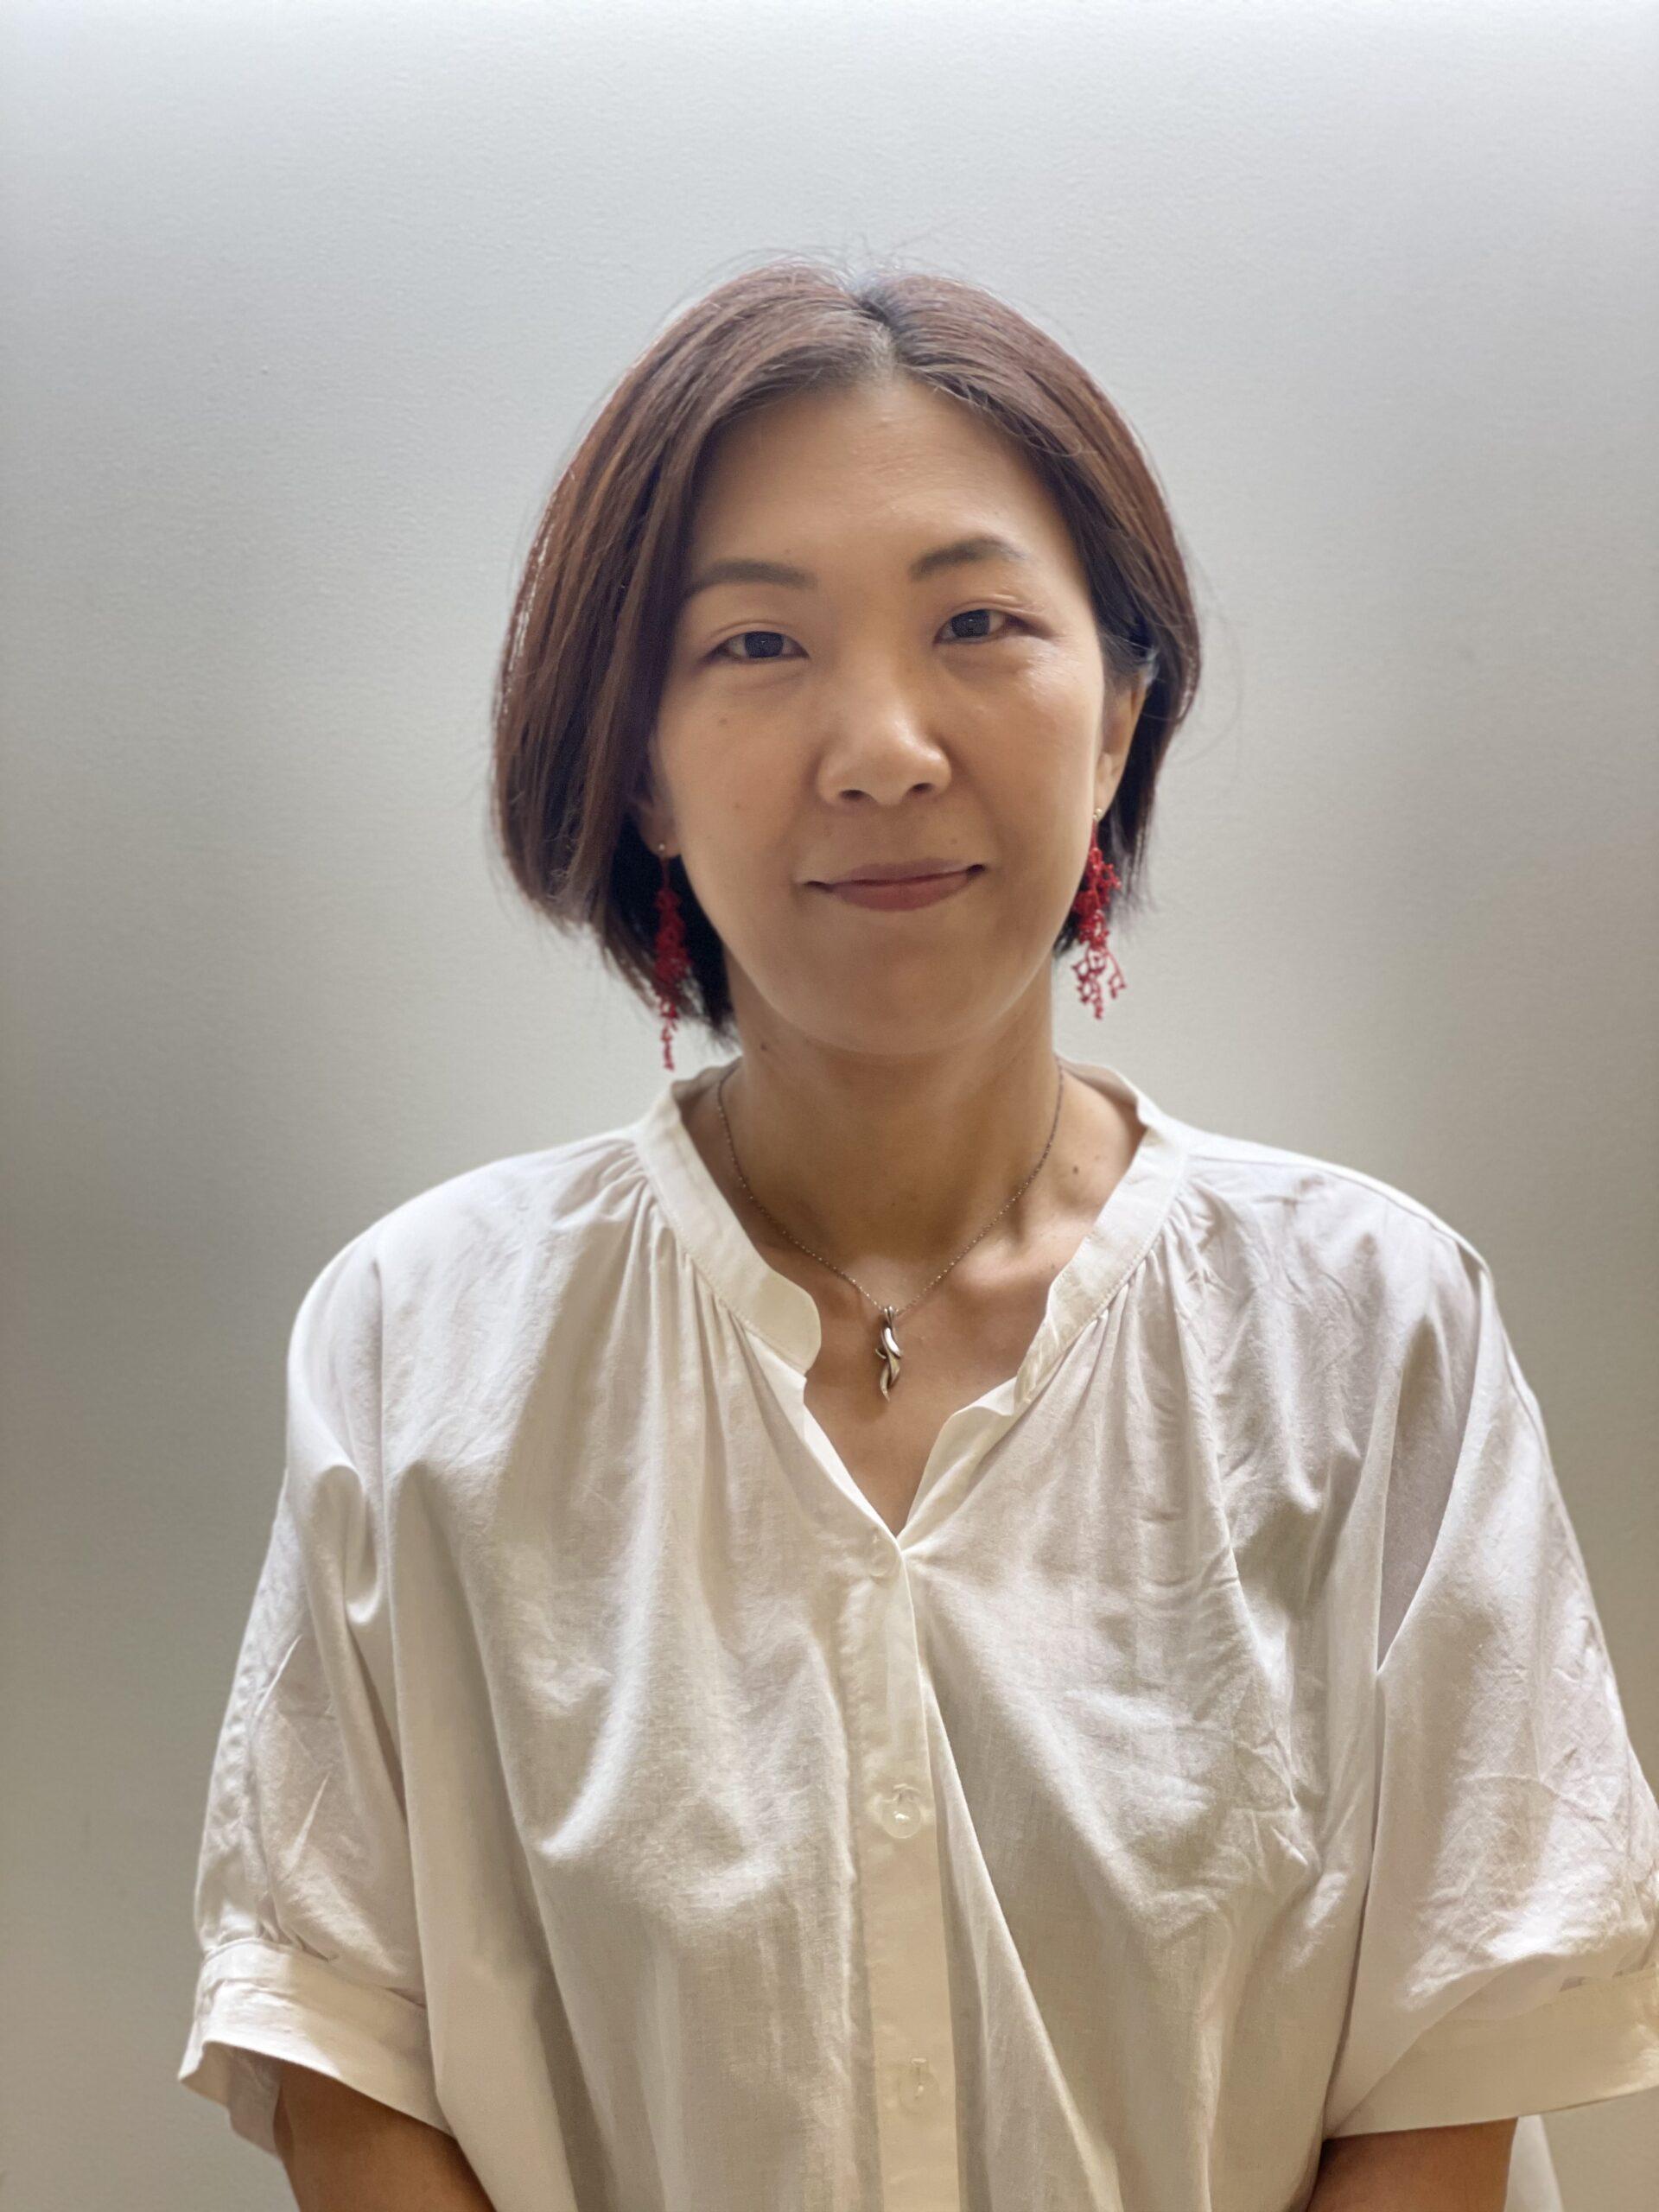 秋田 直美(あきた なおみ)